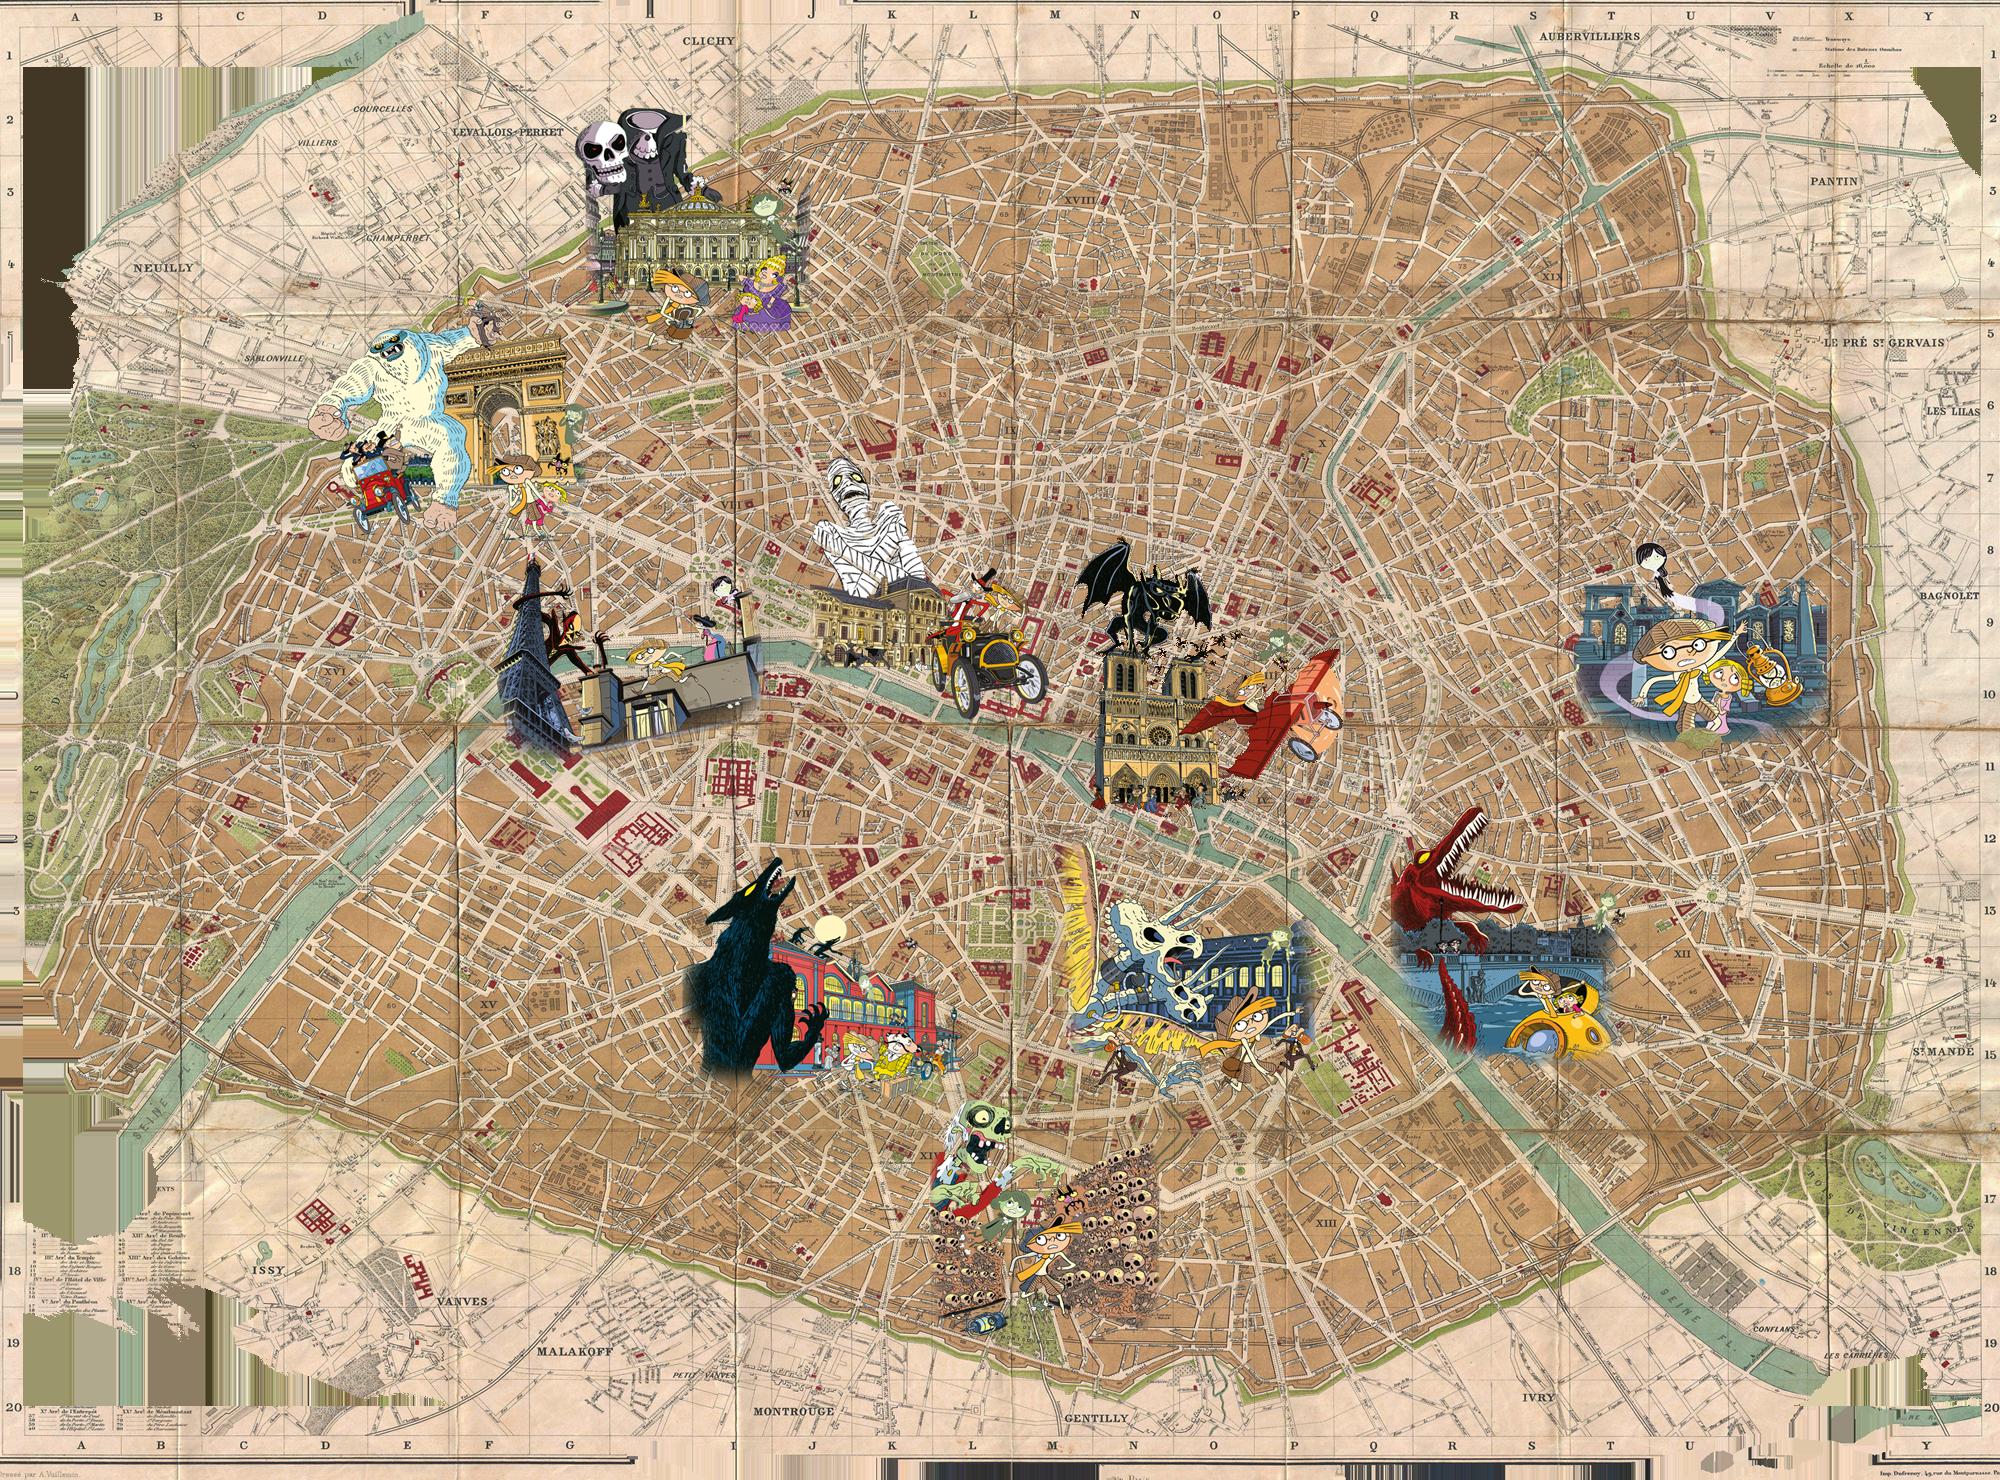 Plan de Paris ancien avec tomes de la série Les aventures fantastiques de Sacré Cœur